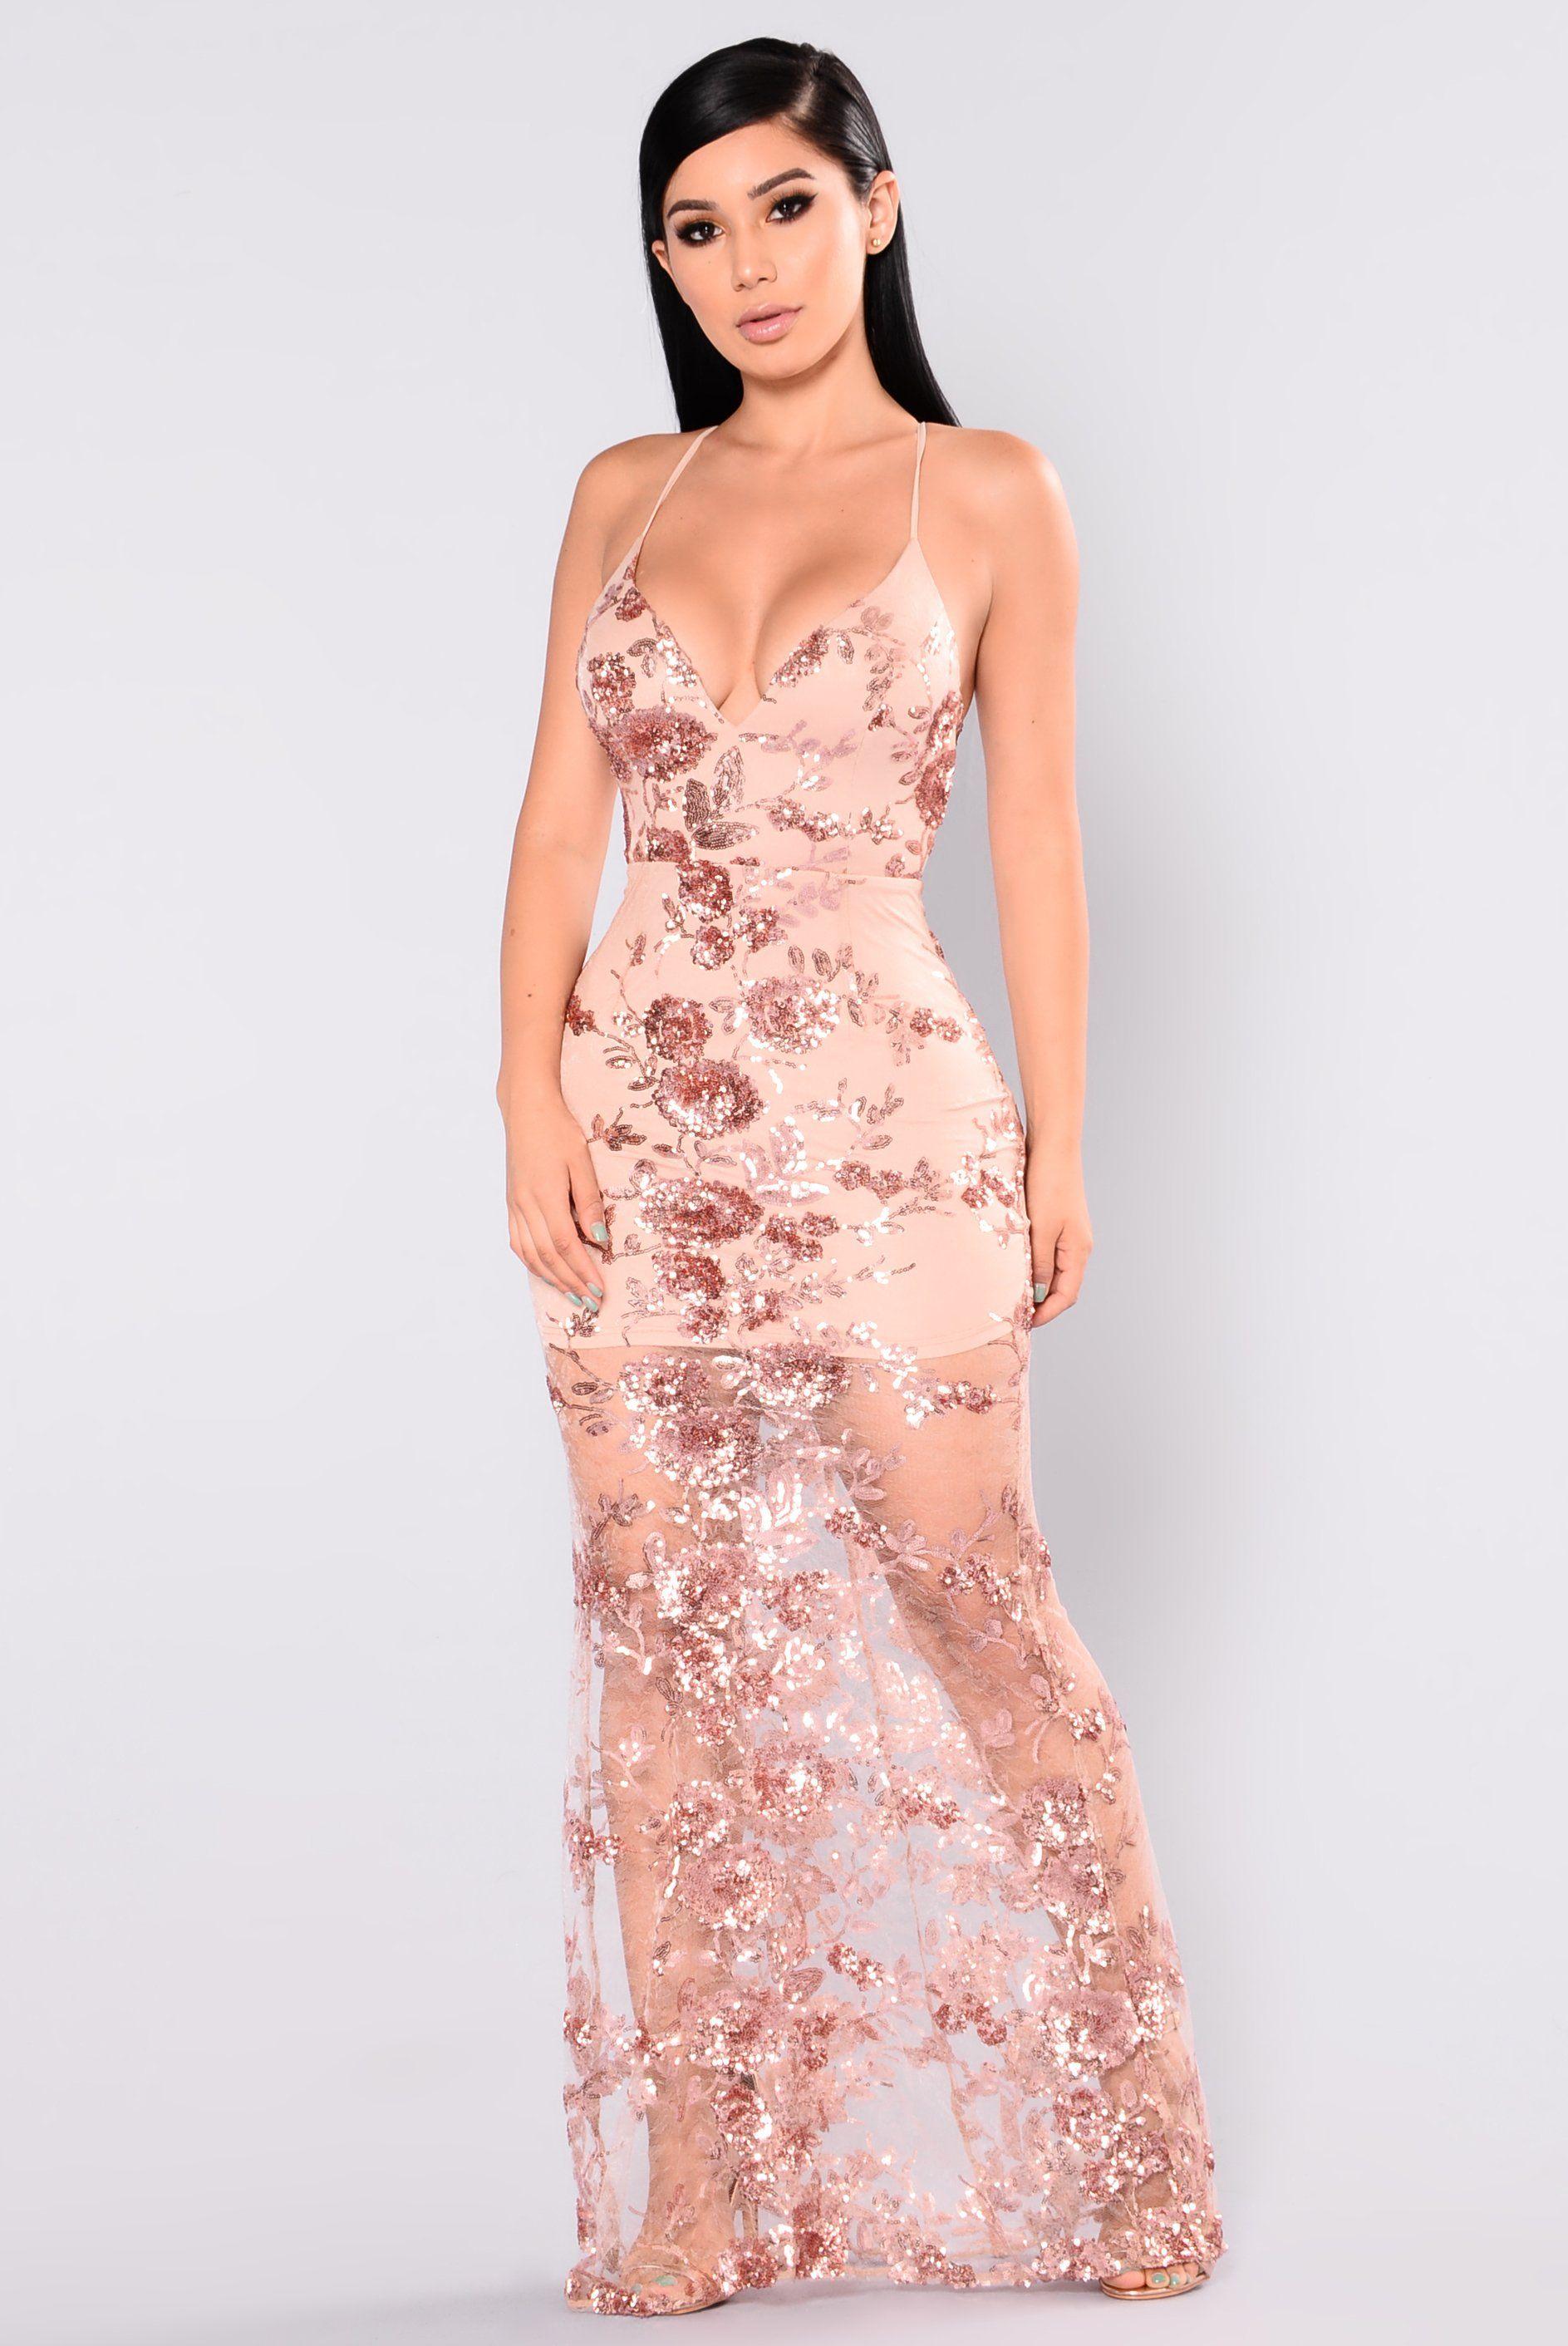 d805d3d1ed9 Q u e e n   Pinterest Melonpoppin🌈 Rose Gold Sequin Dress